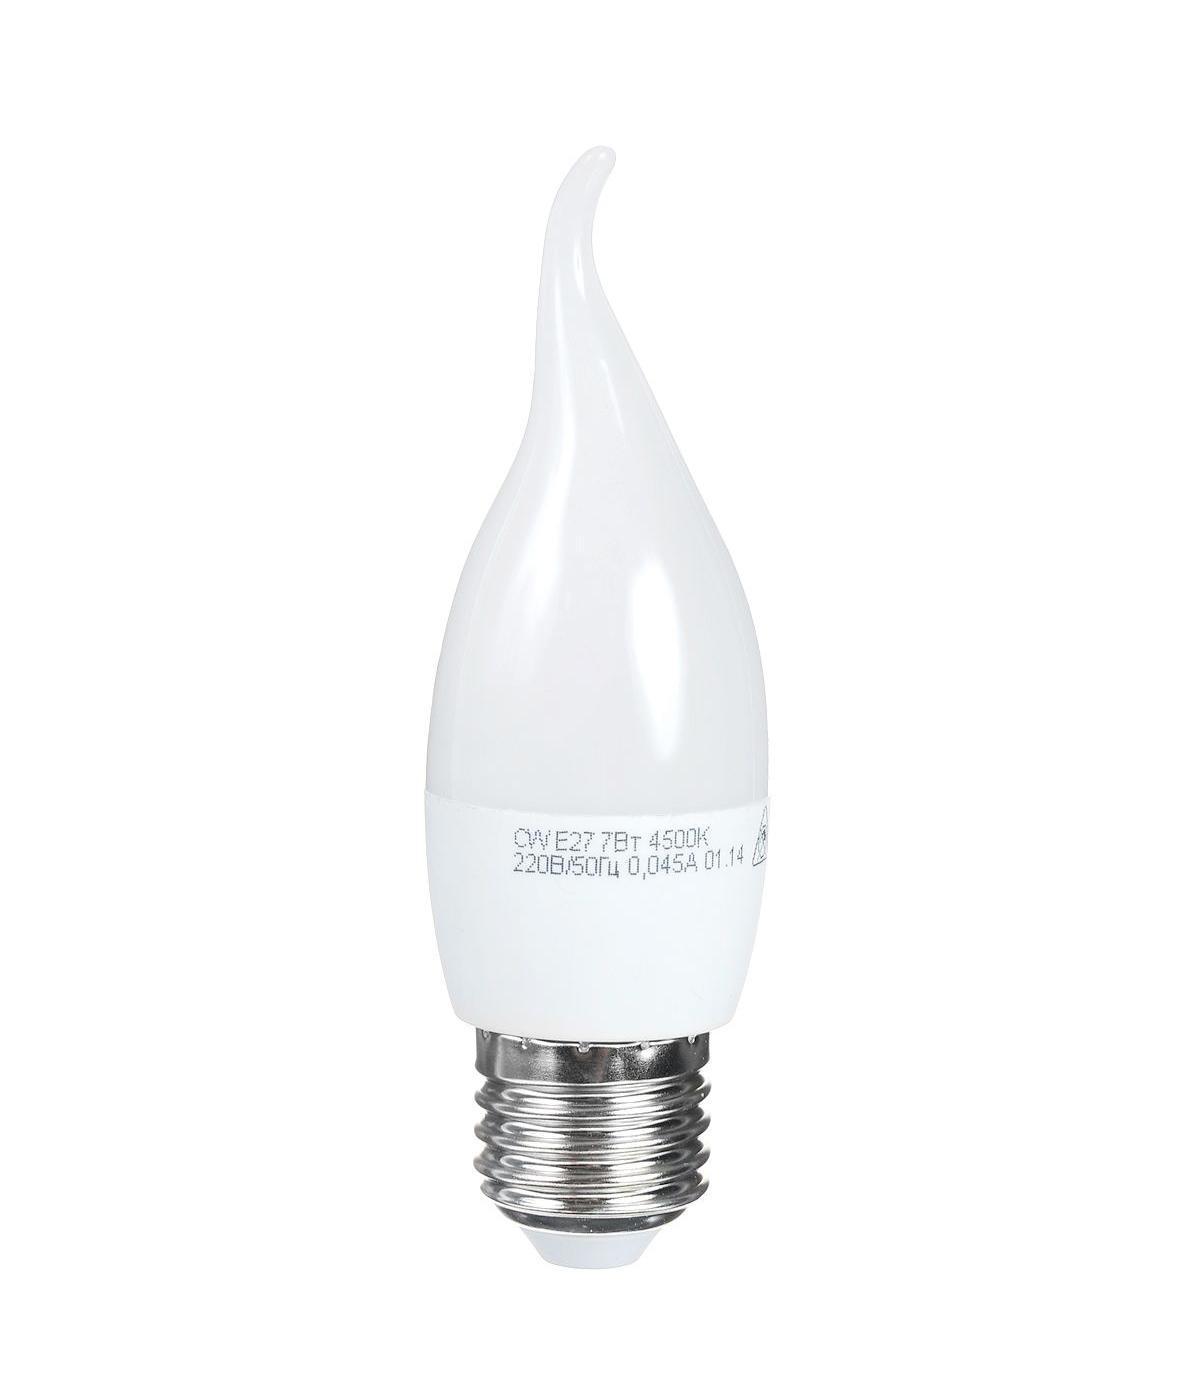 Светодиодная лампа Kosmos, белый свет, цоколь E27, 7W, 220V. Lksm_LED7wCWE2745C0042478Светодиодная лампа Kosmos инновационный и экологичный продукт, специально разработанный для эффективной замены любых видов галогенных или обыкновенных ламп накаливания во всех типах осветительных приборов. Основные преимущества лампы Kosmos: Служит 30000 часов, что в 30 раз дольше лампы накаливания. Экономична - сберегает до 90% электроэнергии. Обладает высокой механической прочностью и вибростойкостью. Устойчива к перепадам температуры (от -40°С до +50°С).Уважаемые клиенты! Обращаем ваше внимание на возможные изменения в дизайне упаковки. Качественные характеристики товара остаются неизменными. Поставка осуществляется в зависимости от наличия на складе.